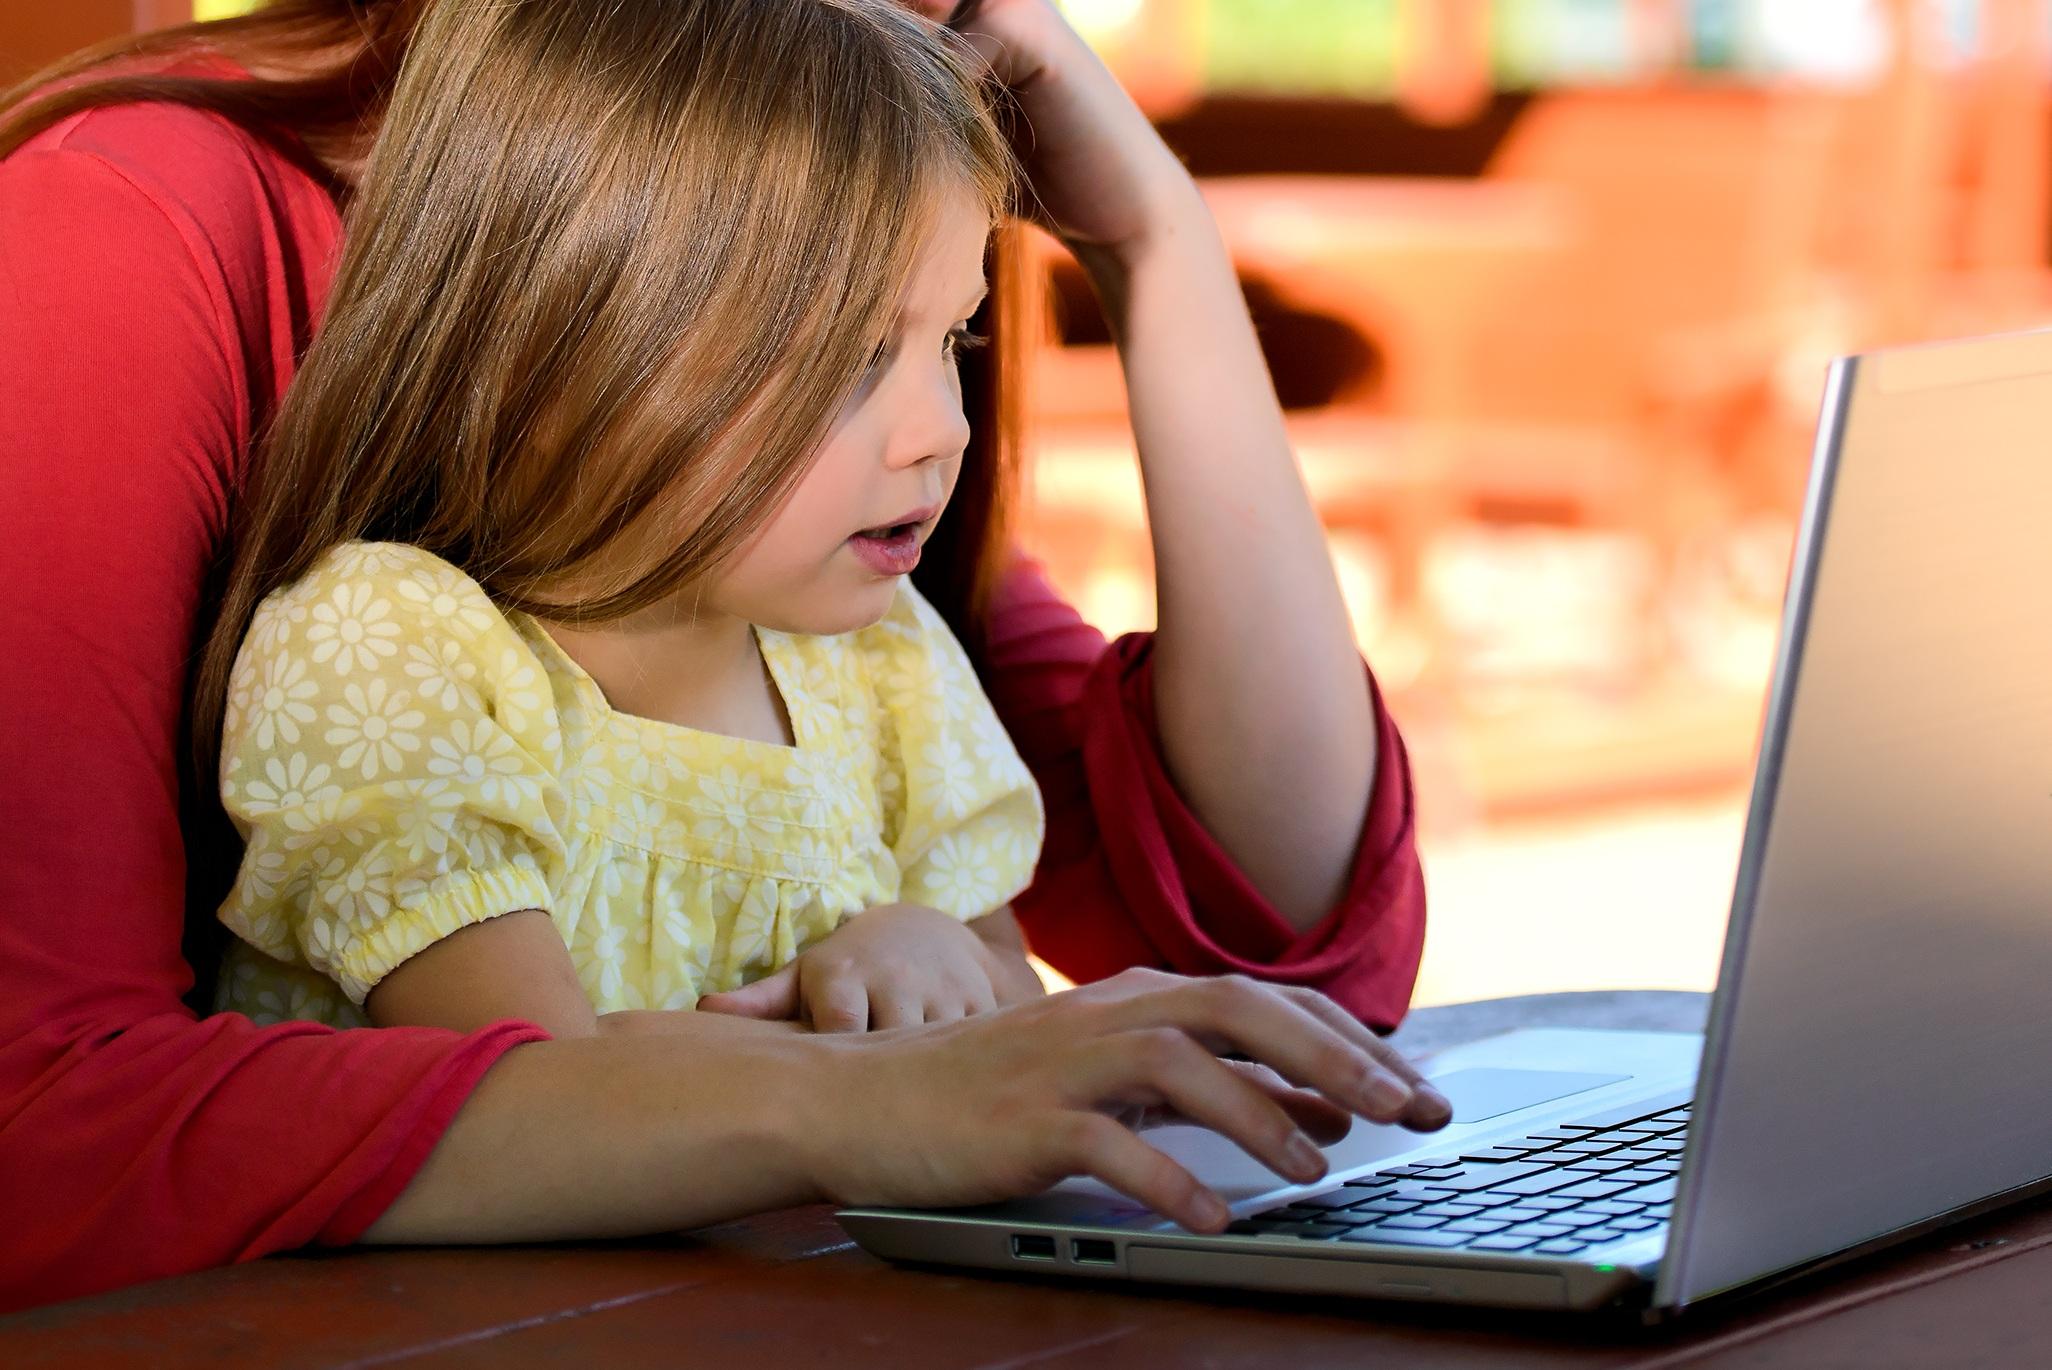 Maminka u počítače